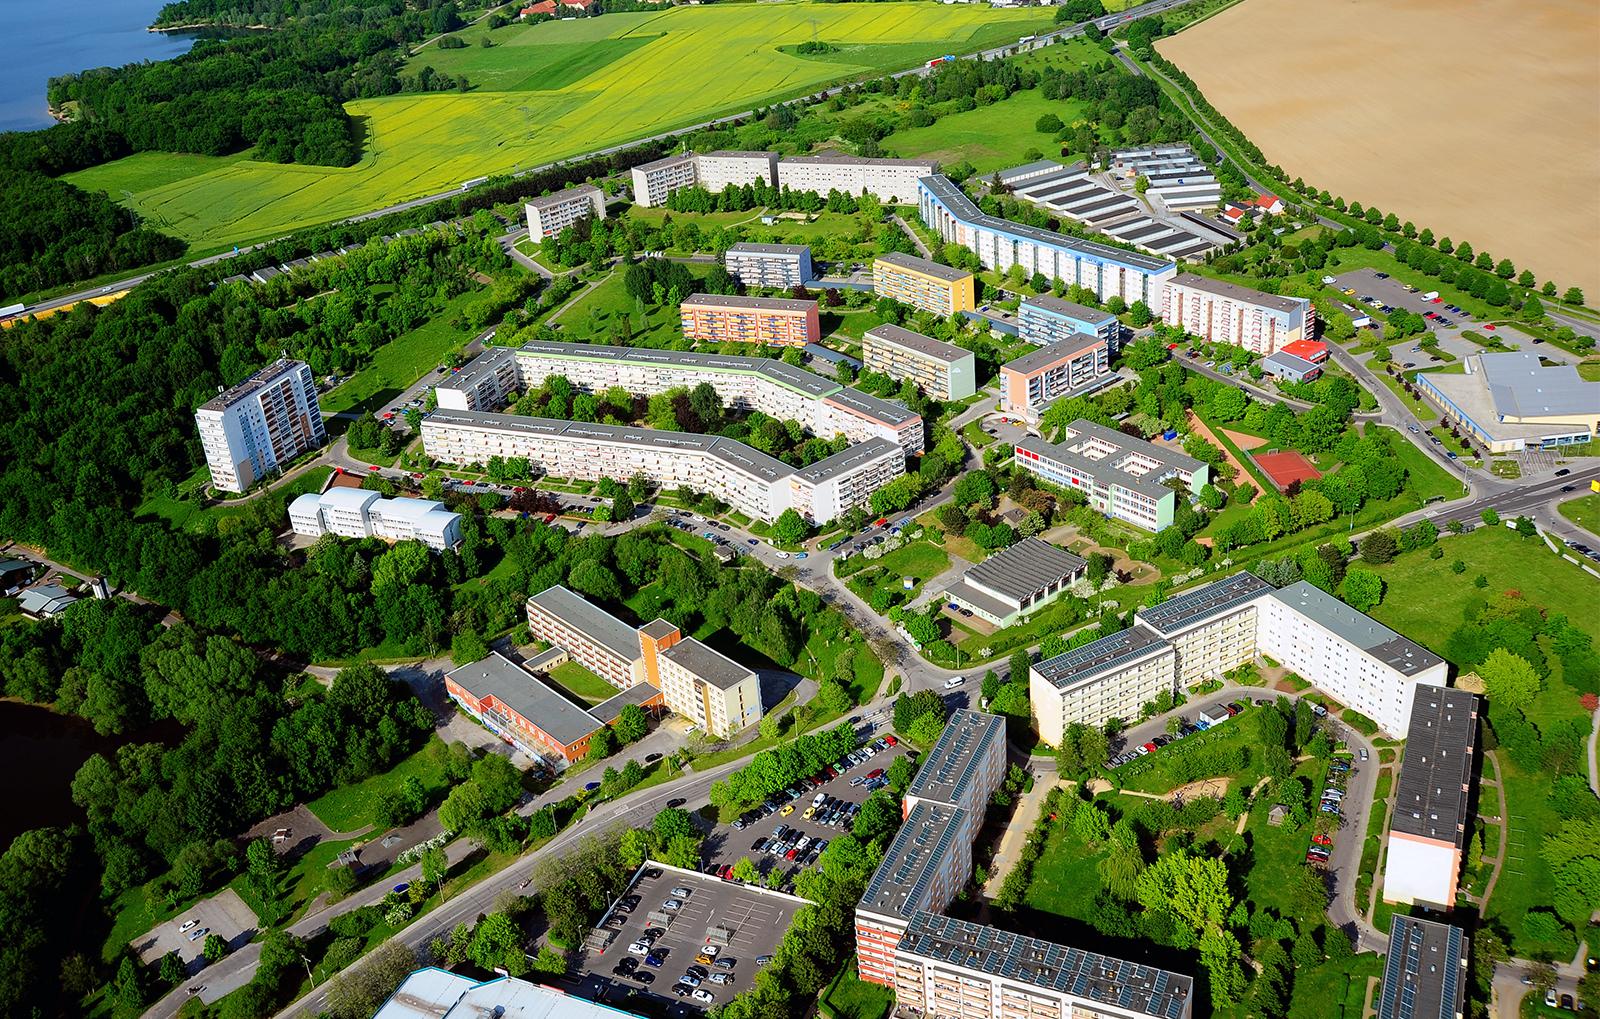 Luftbildaufnahme vom Stadtteil Gesundbrunnen